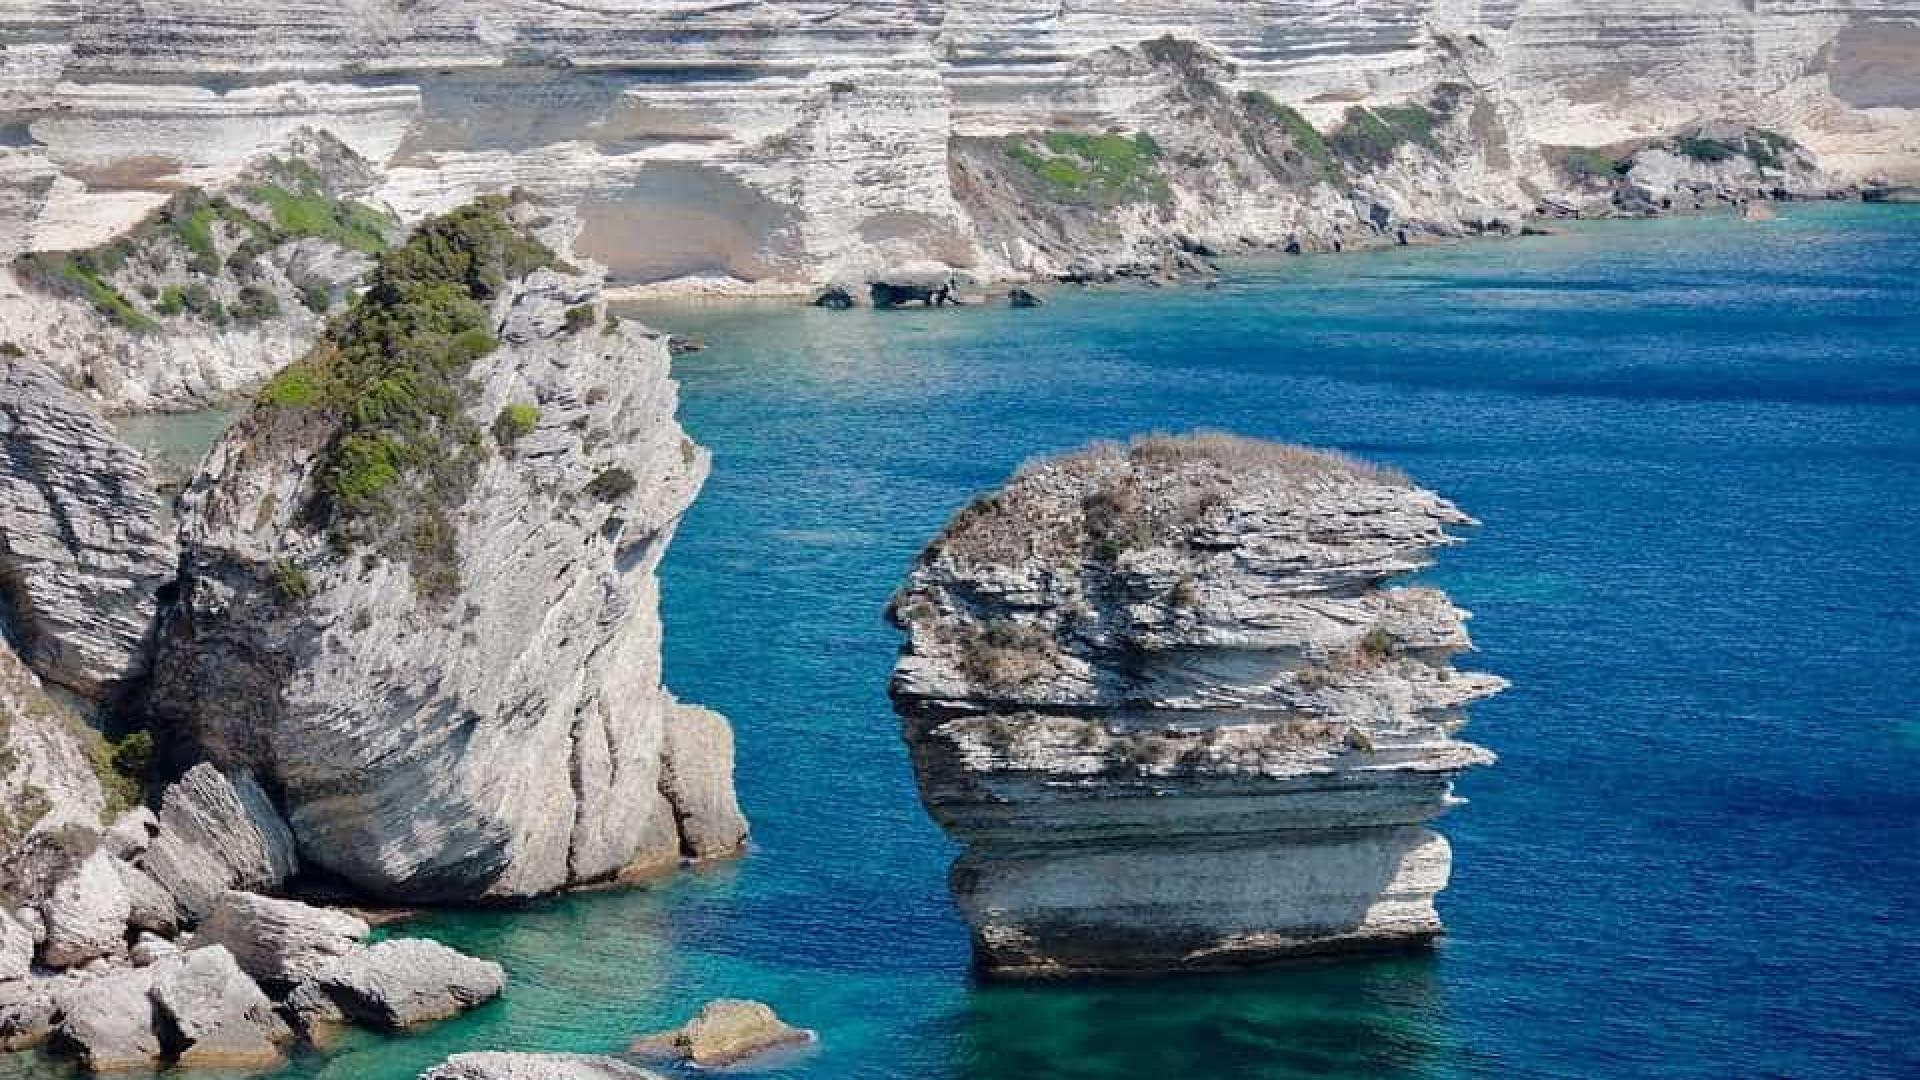 Italianos acham cadeia com 15 vulcões submarinos no Tirreno